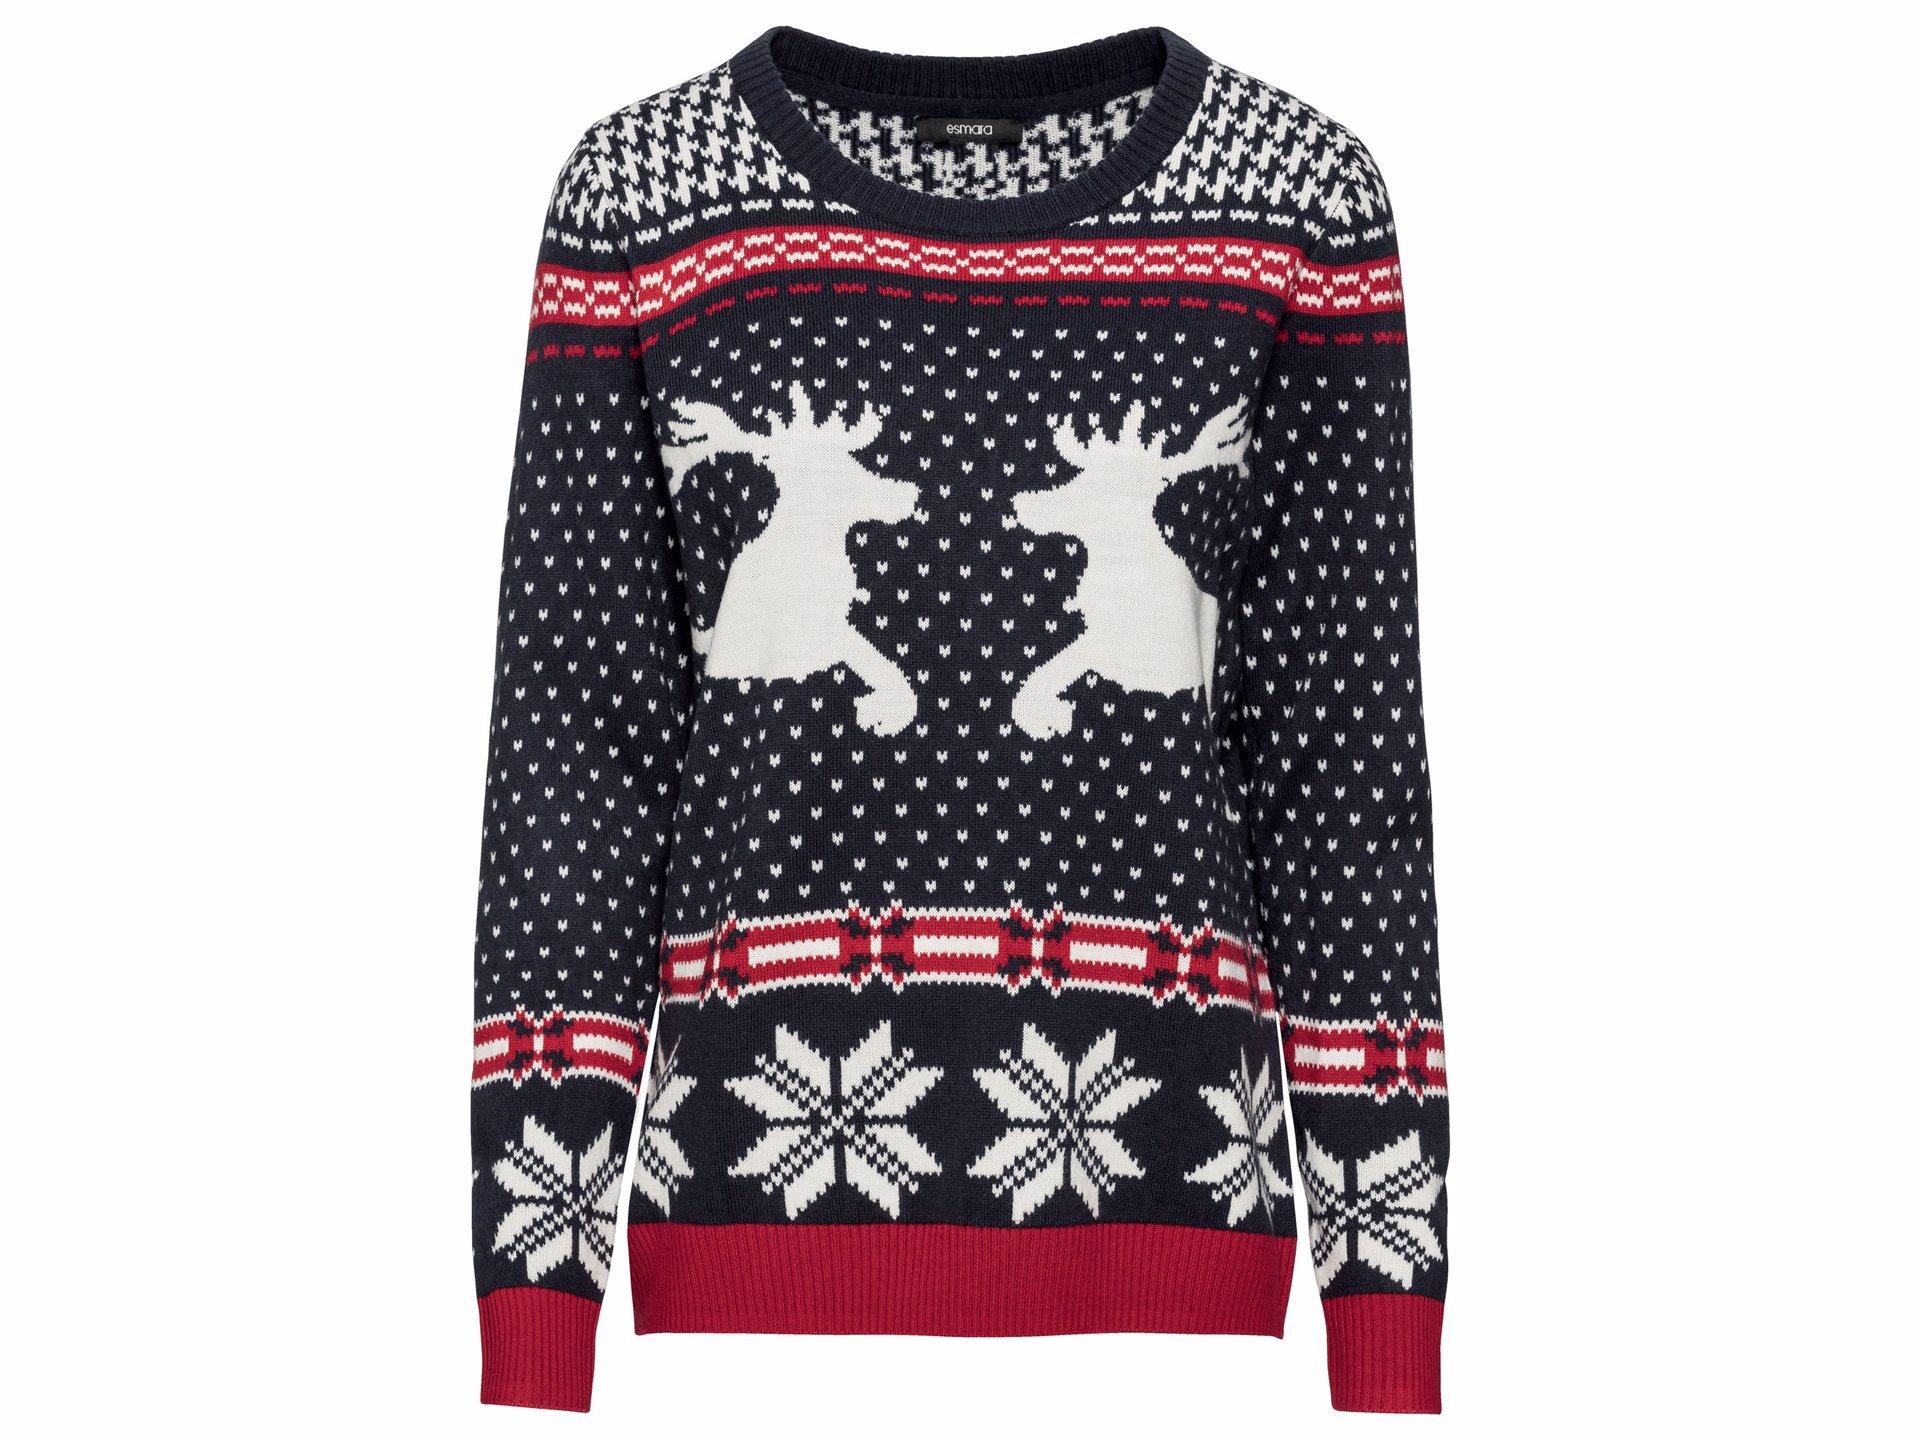 jersey motivos navideños más discreto como cuando Lady Di y Harry Styles lucieron uno de ovejas